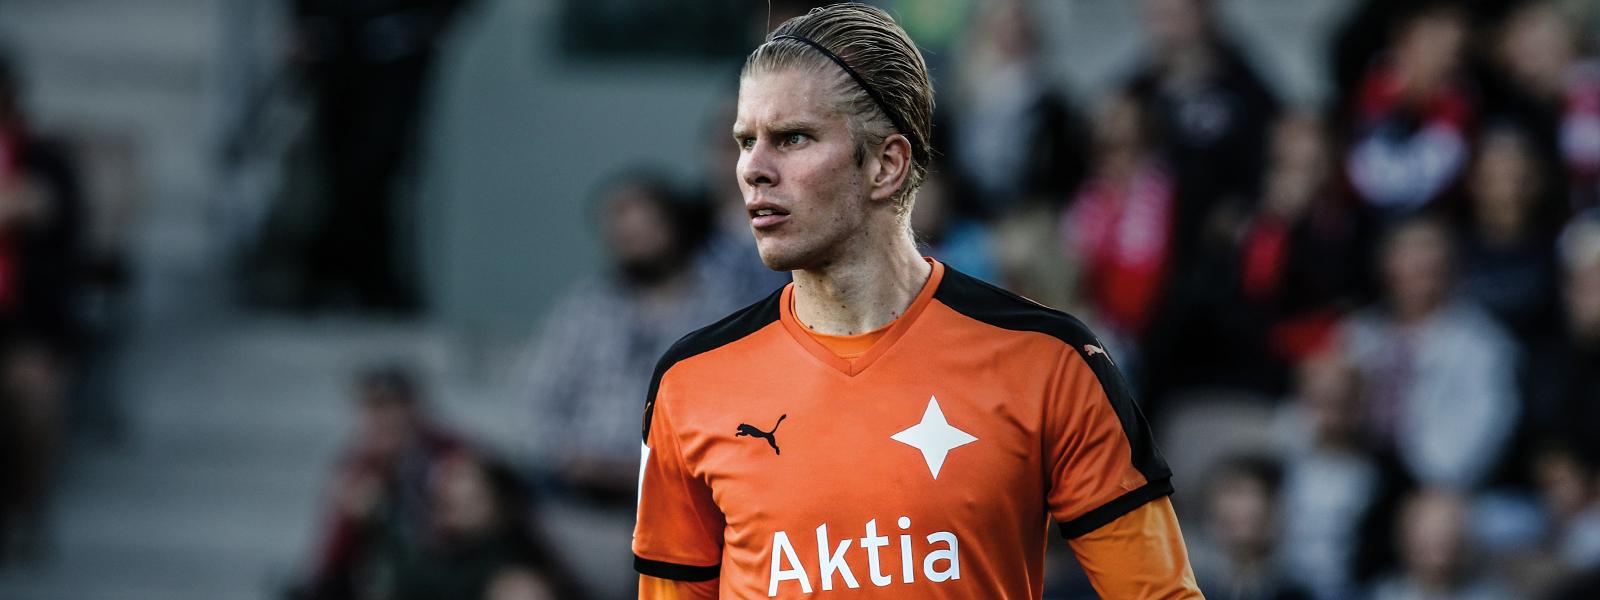 Tomi Maanoja siirtyy HIFK:hon <br> kaksivuotisella sopimuksella